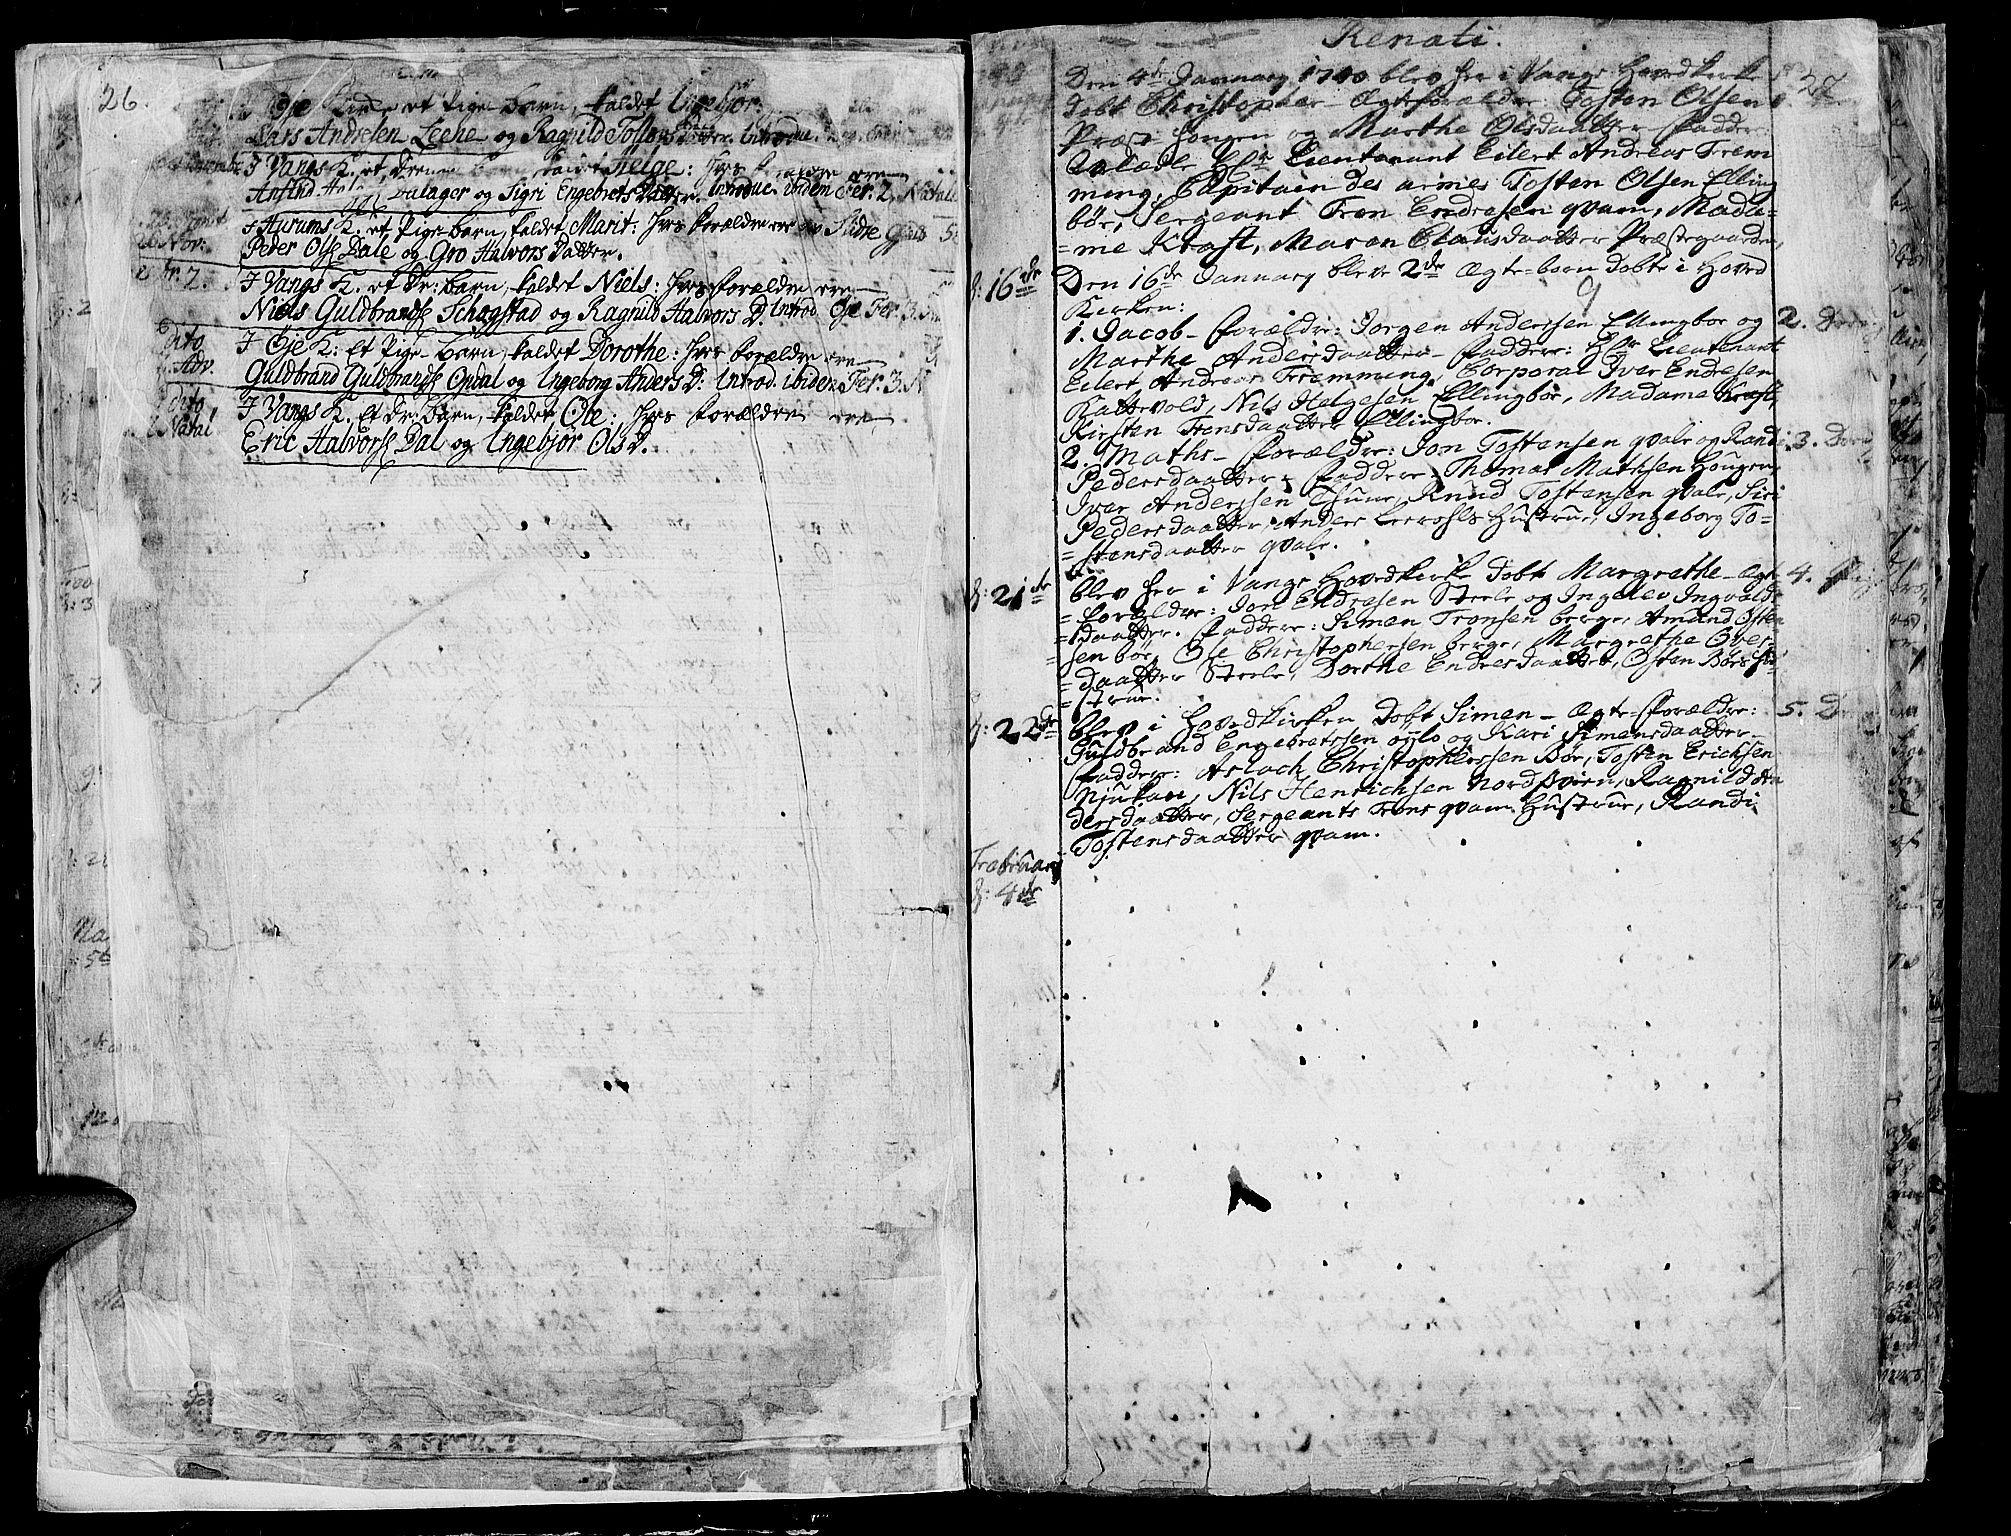 SAH, Vang prestekontor, Valdres, Ministerialbok nr. 1, 1730-1796, s. 26-27